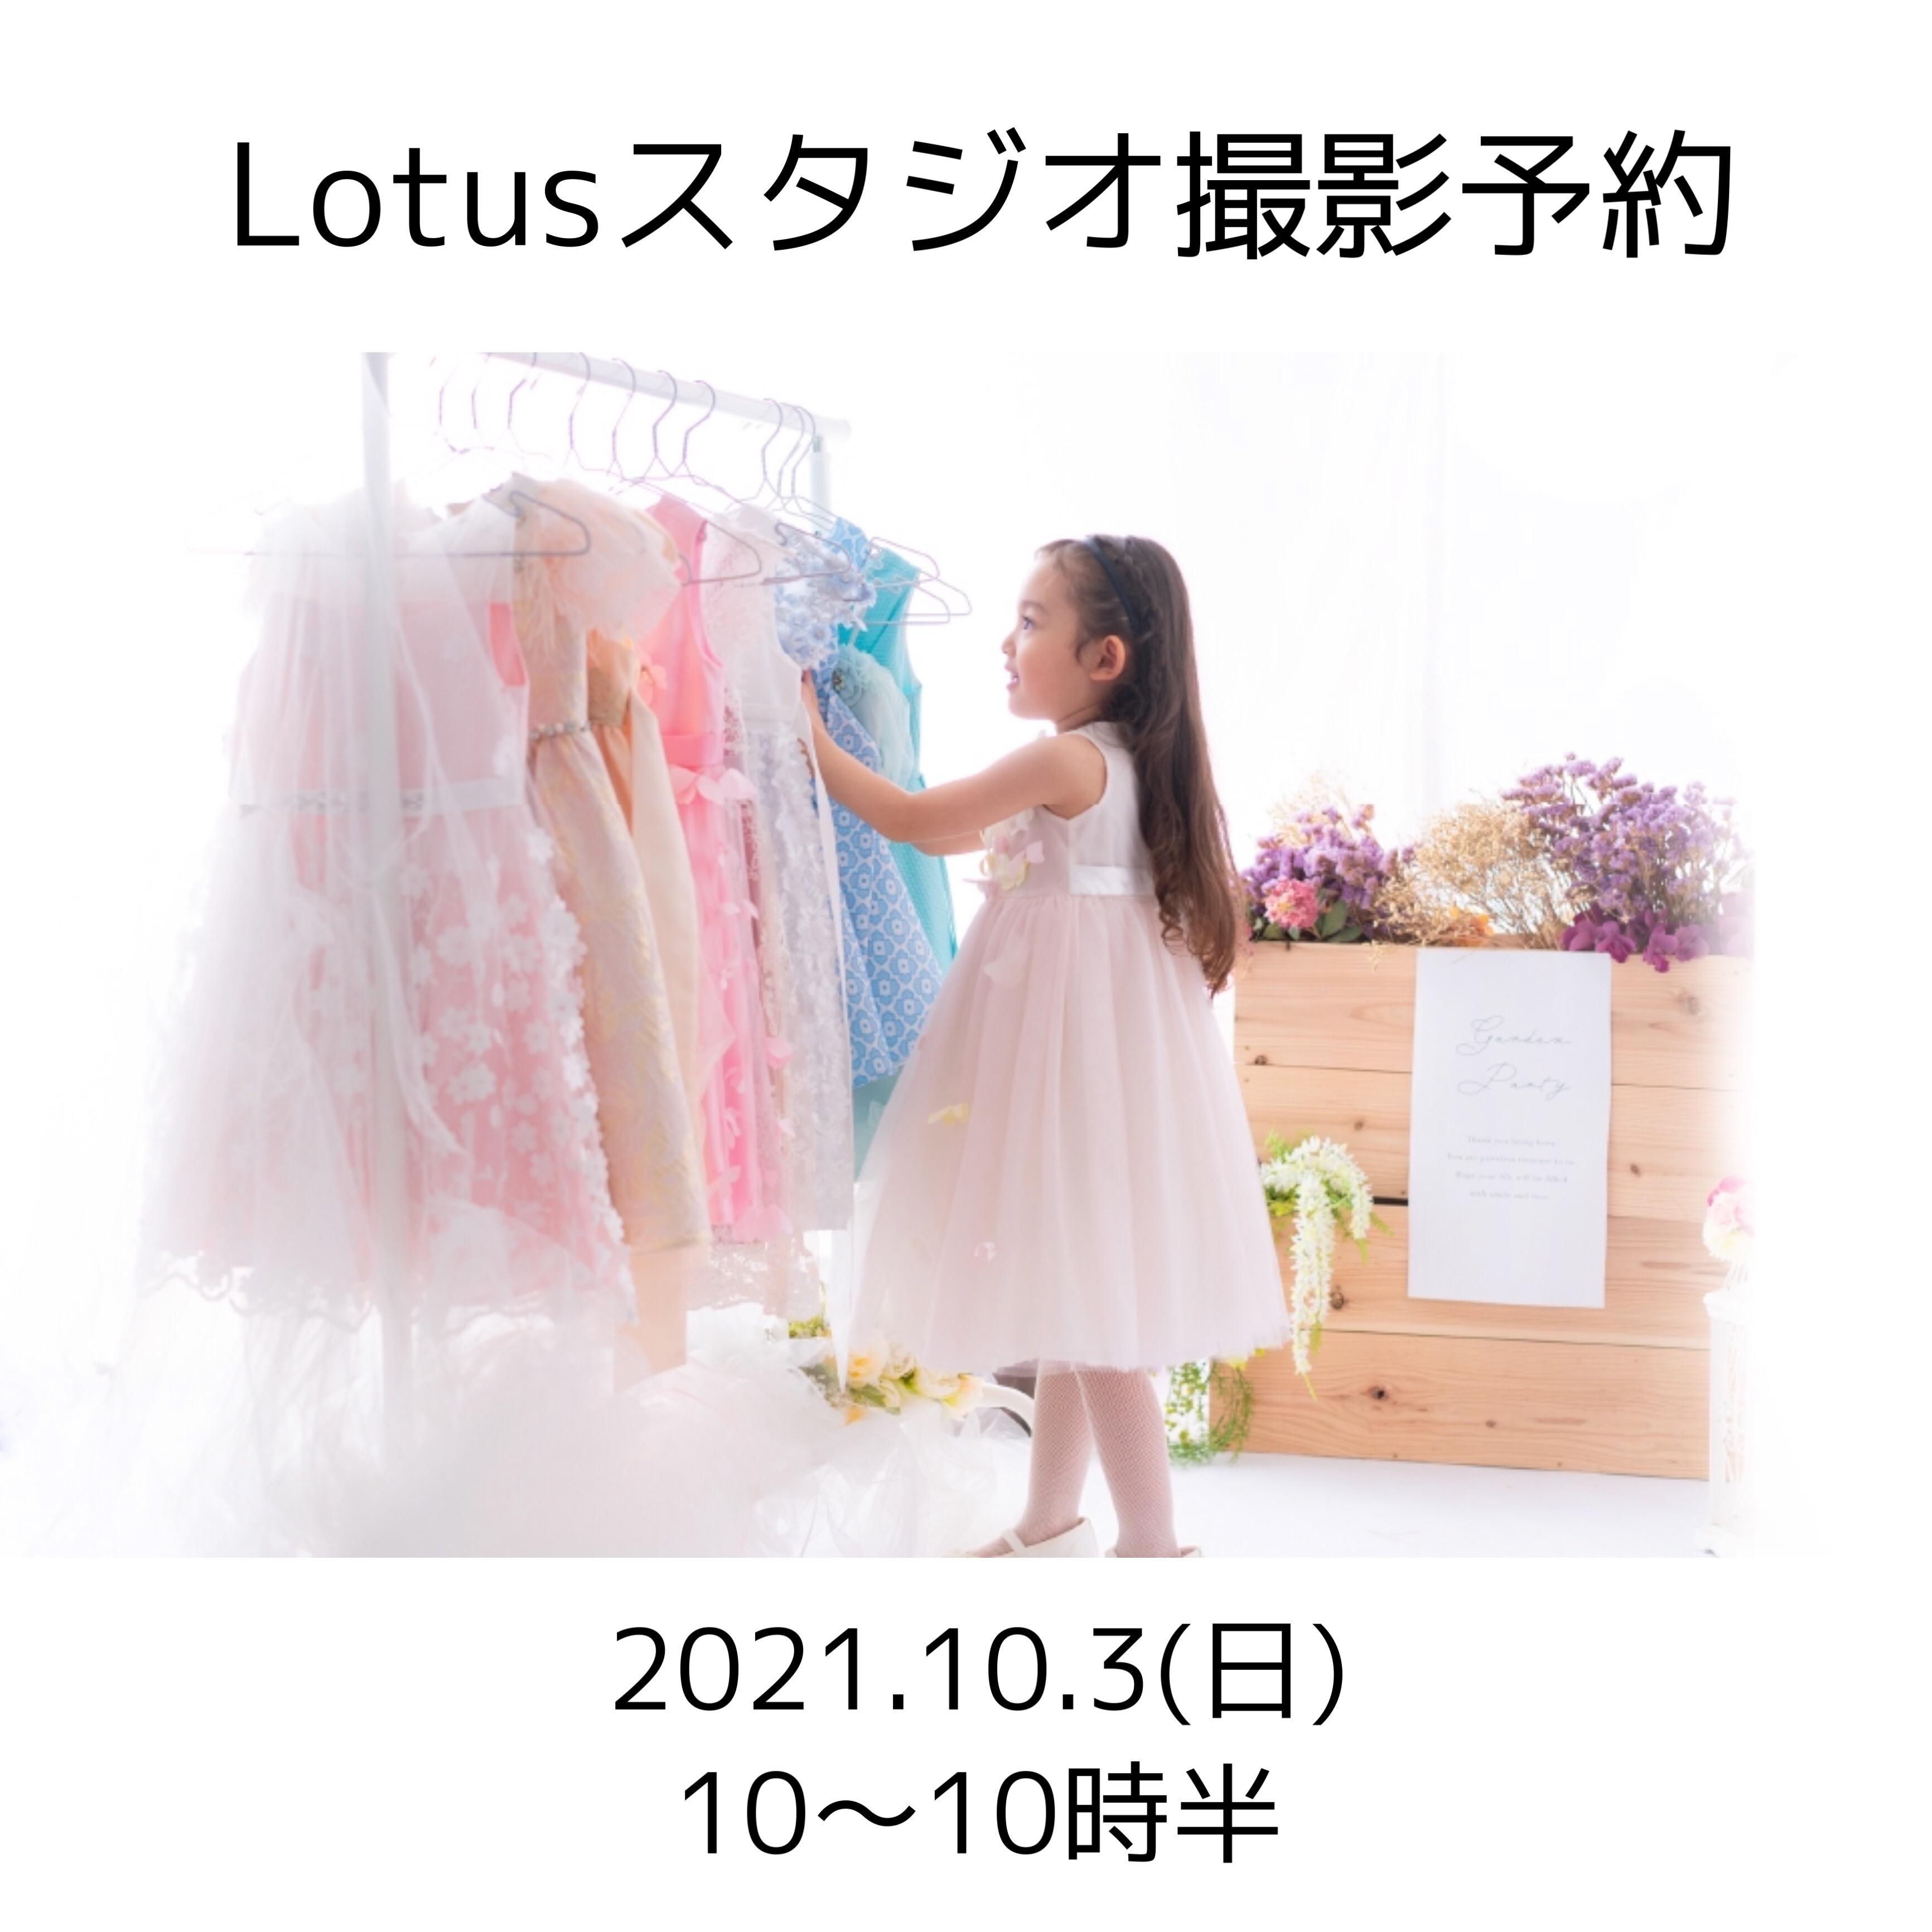 販売終了・スタジオLotus/GardenParty撮影プラン2021.10.3(日)10時~10時半